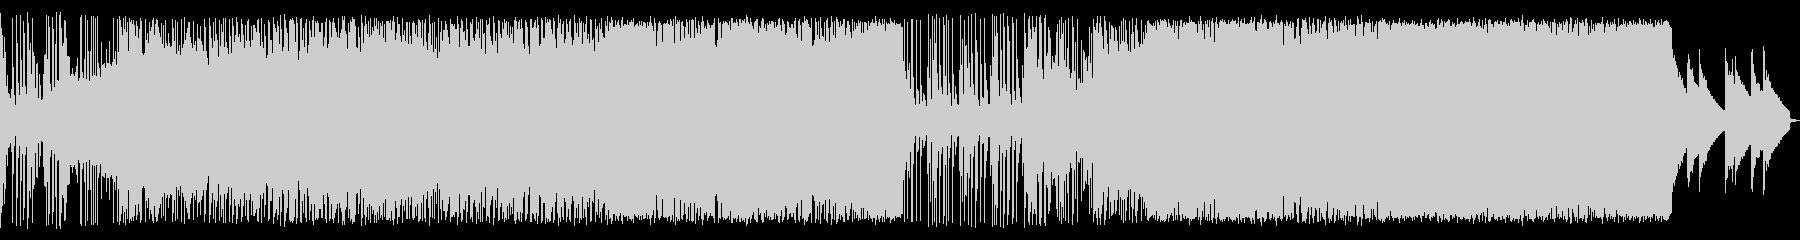 アップテンポEDM/スピード感あるBGMの未再生の波形